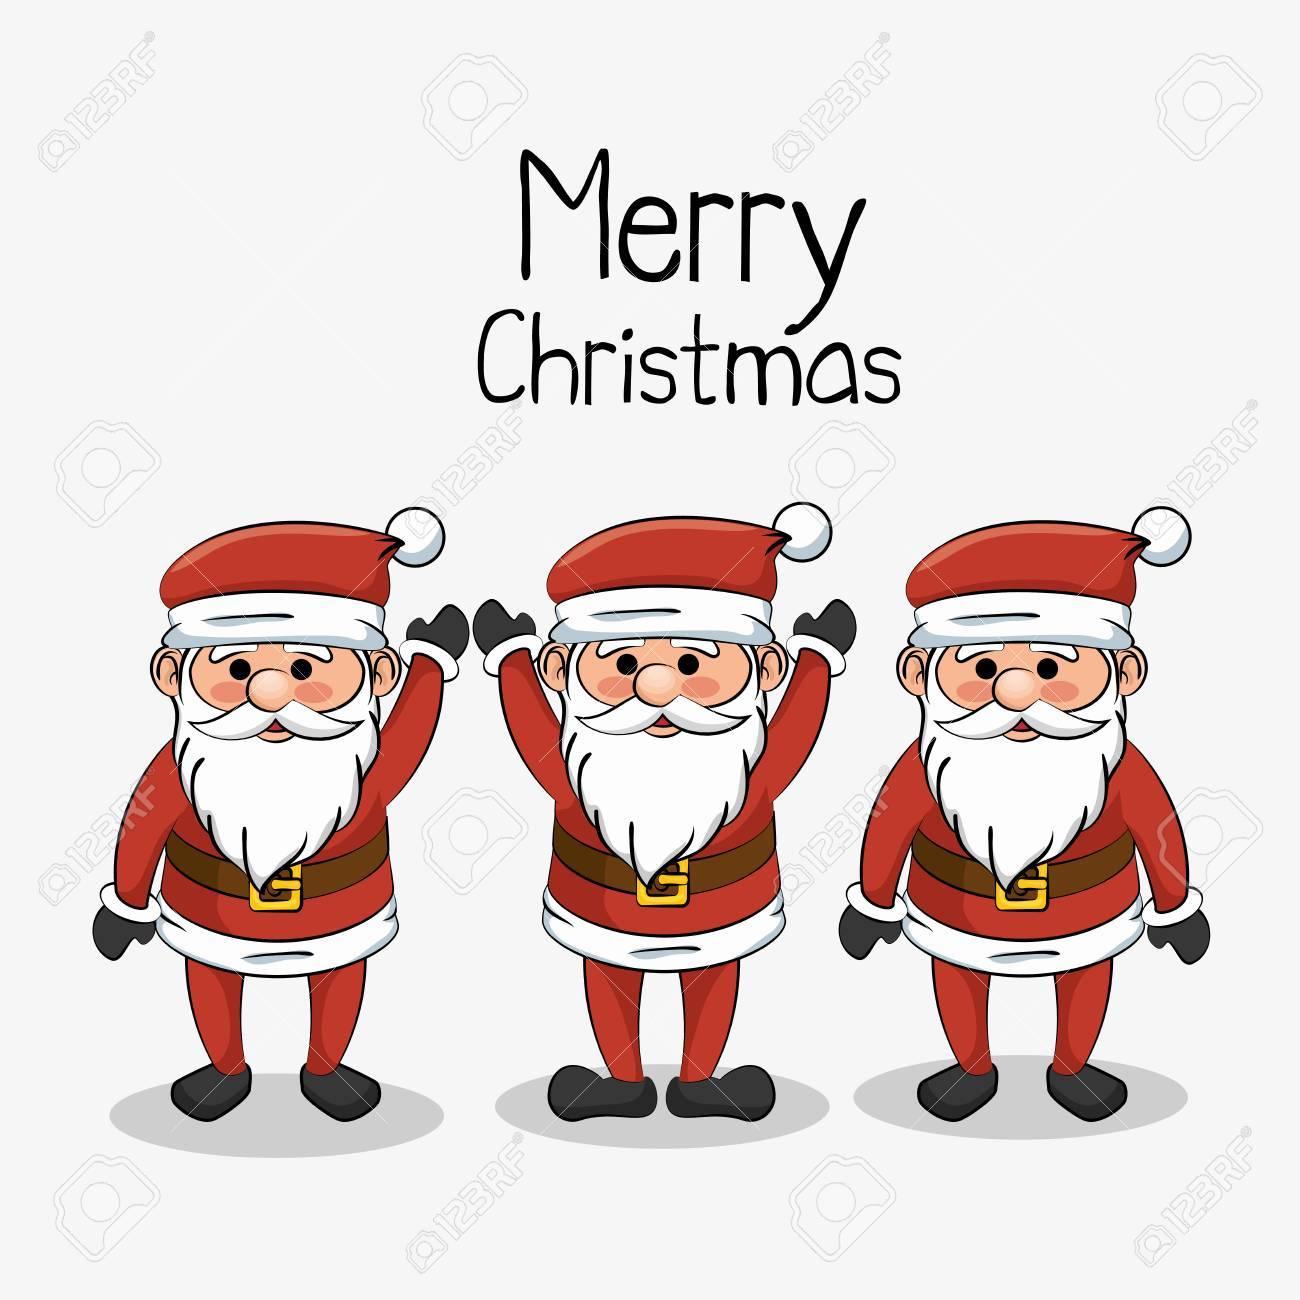 Photo De Noel Drole Bonheur, Joyeux Noël, Ensemble, Père Noël, Drôle, Vecteur